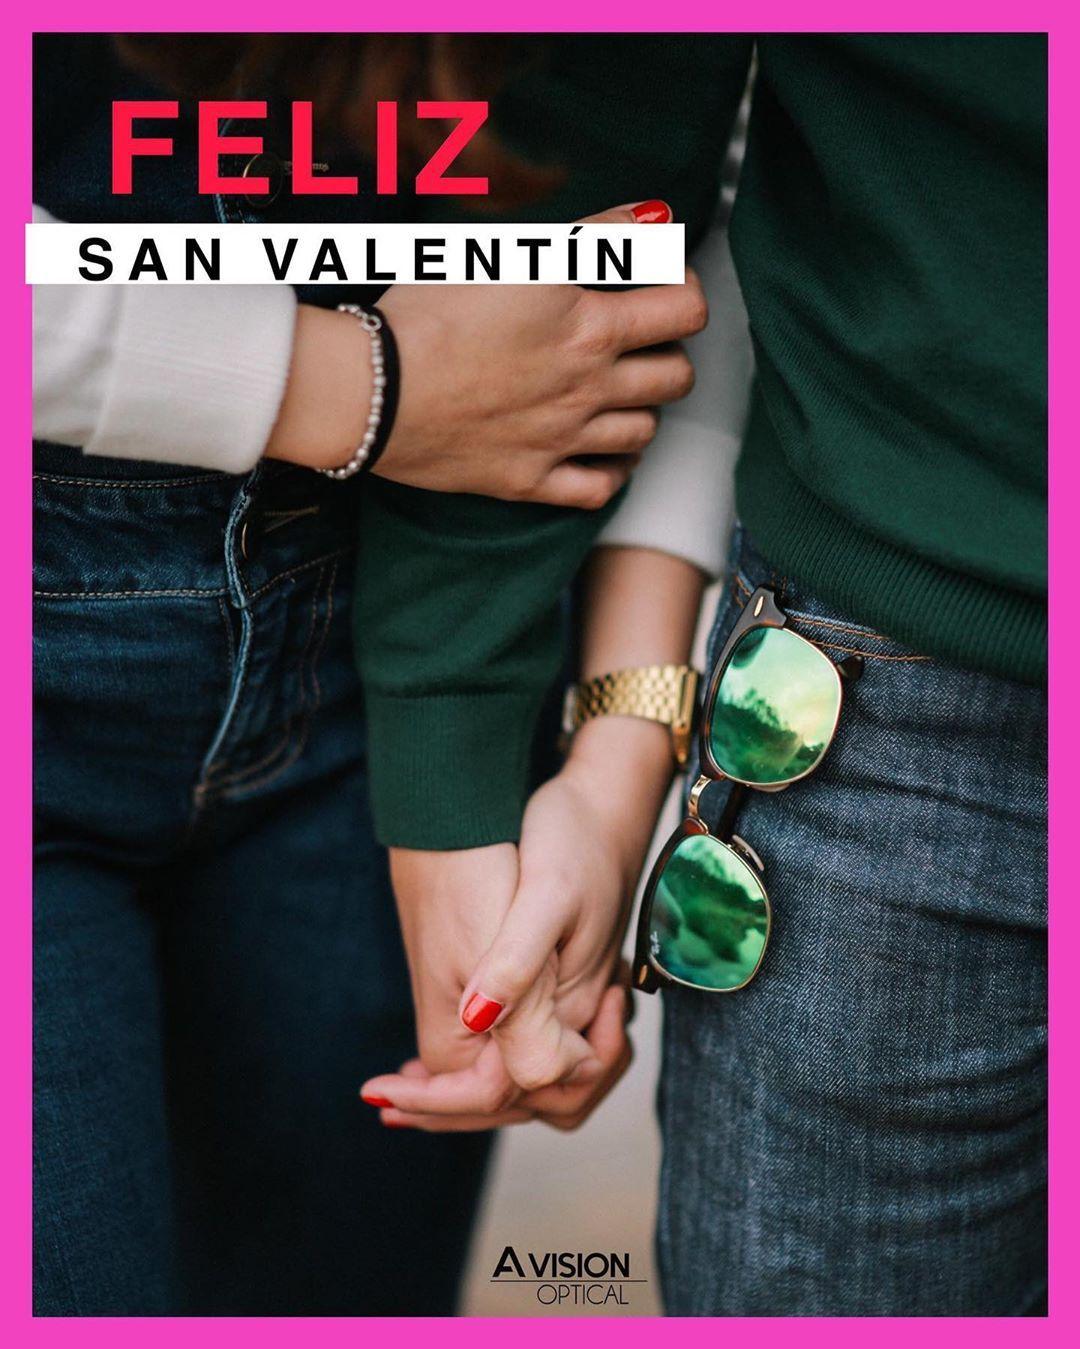 Feliz San Valentin Feliz San Valentin Optica